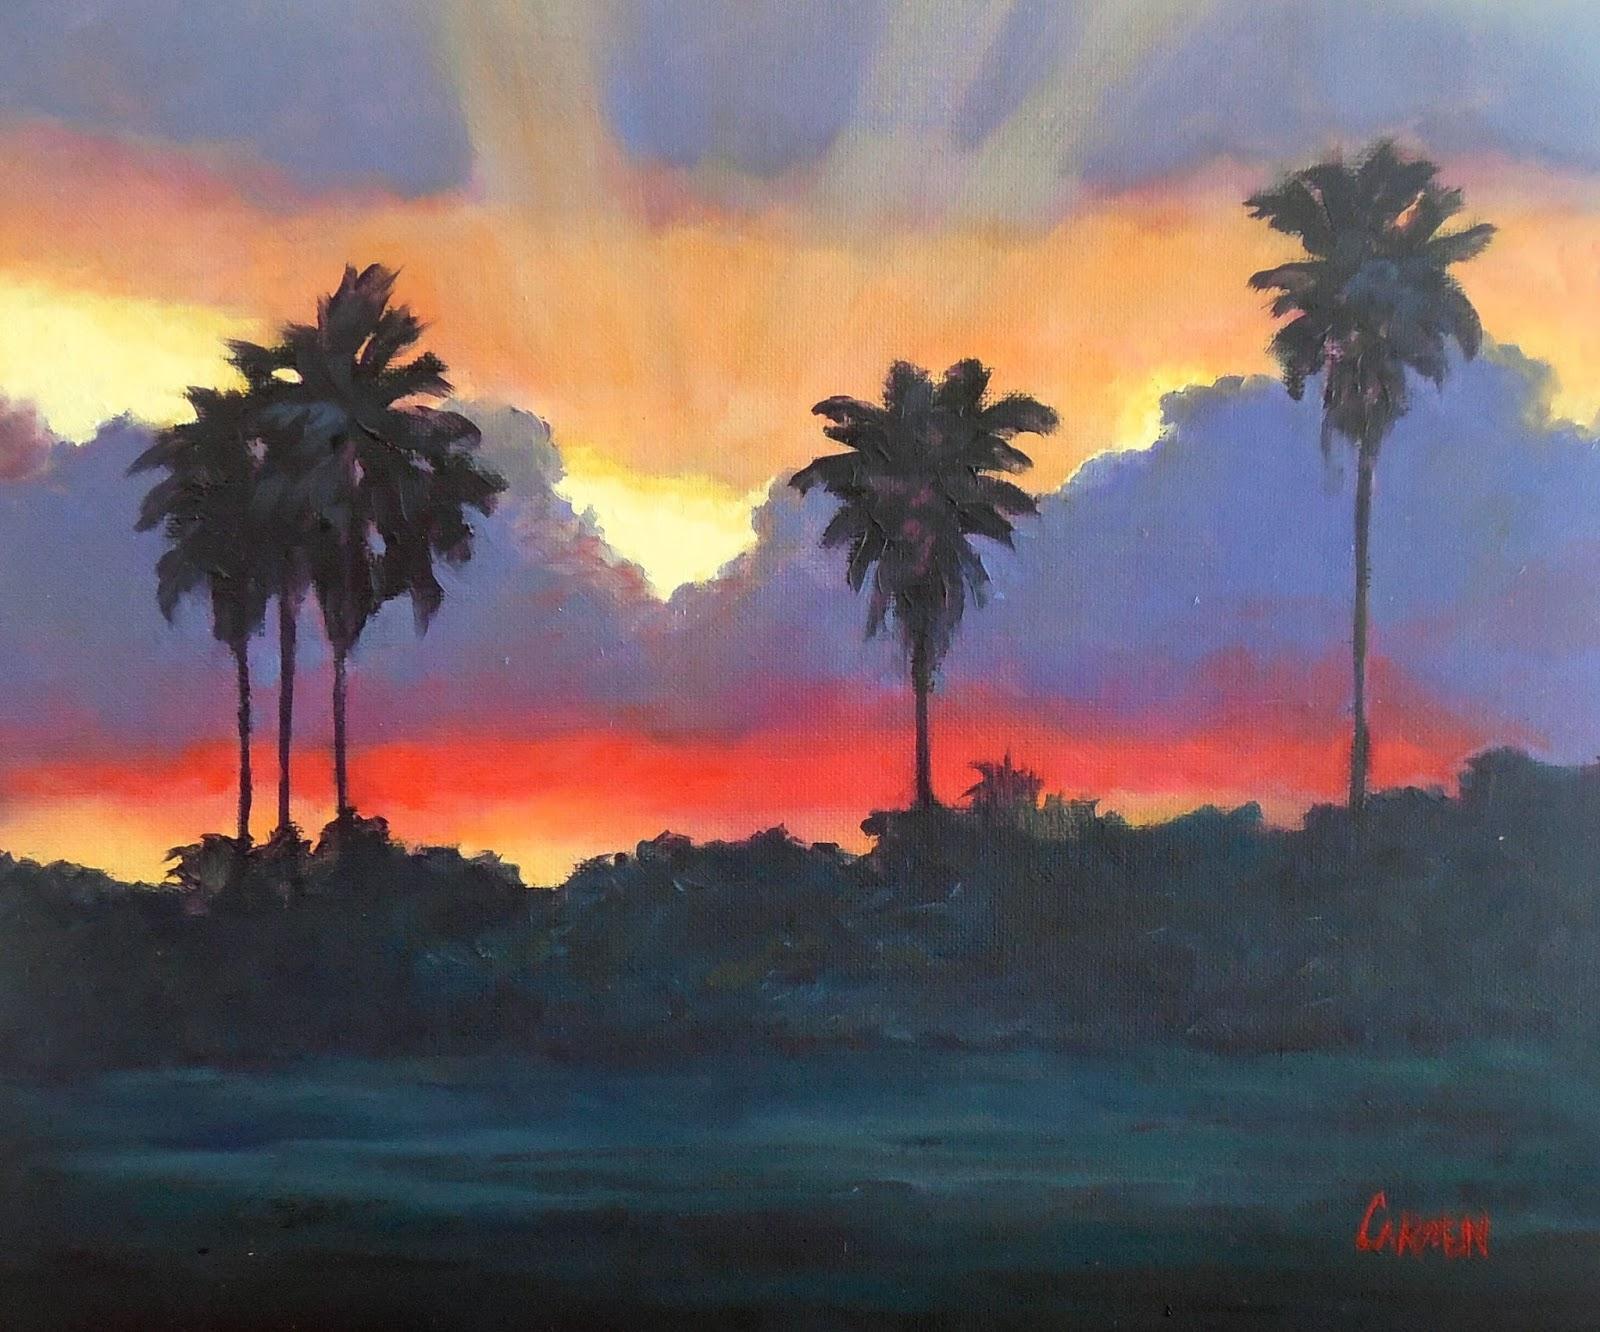 Carmen Beecher Florida Sunset 10x8 Original Oil